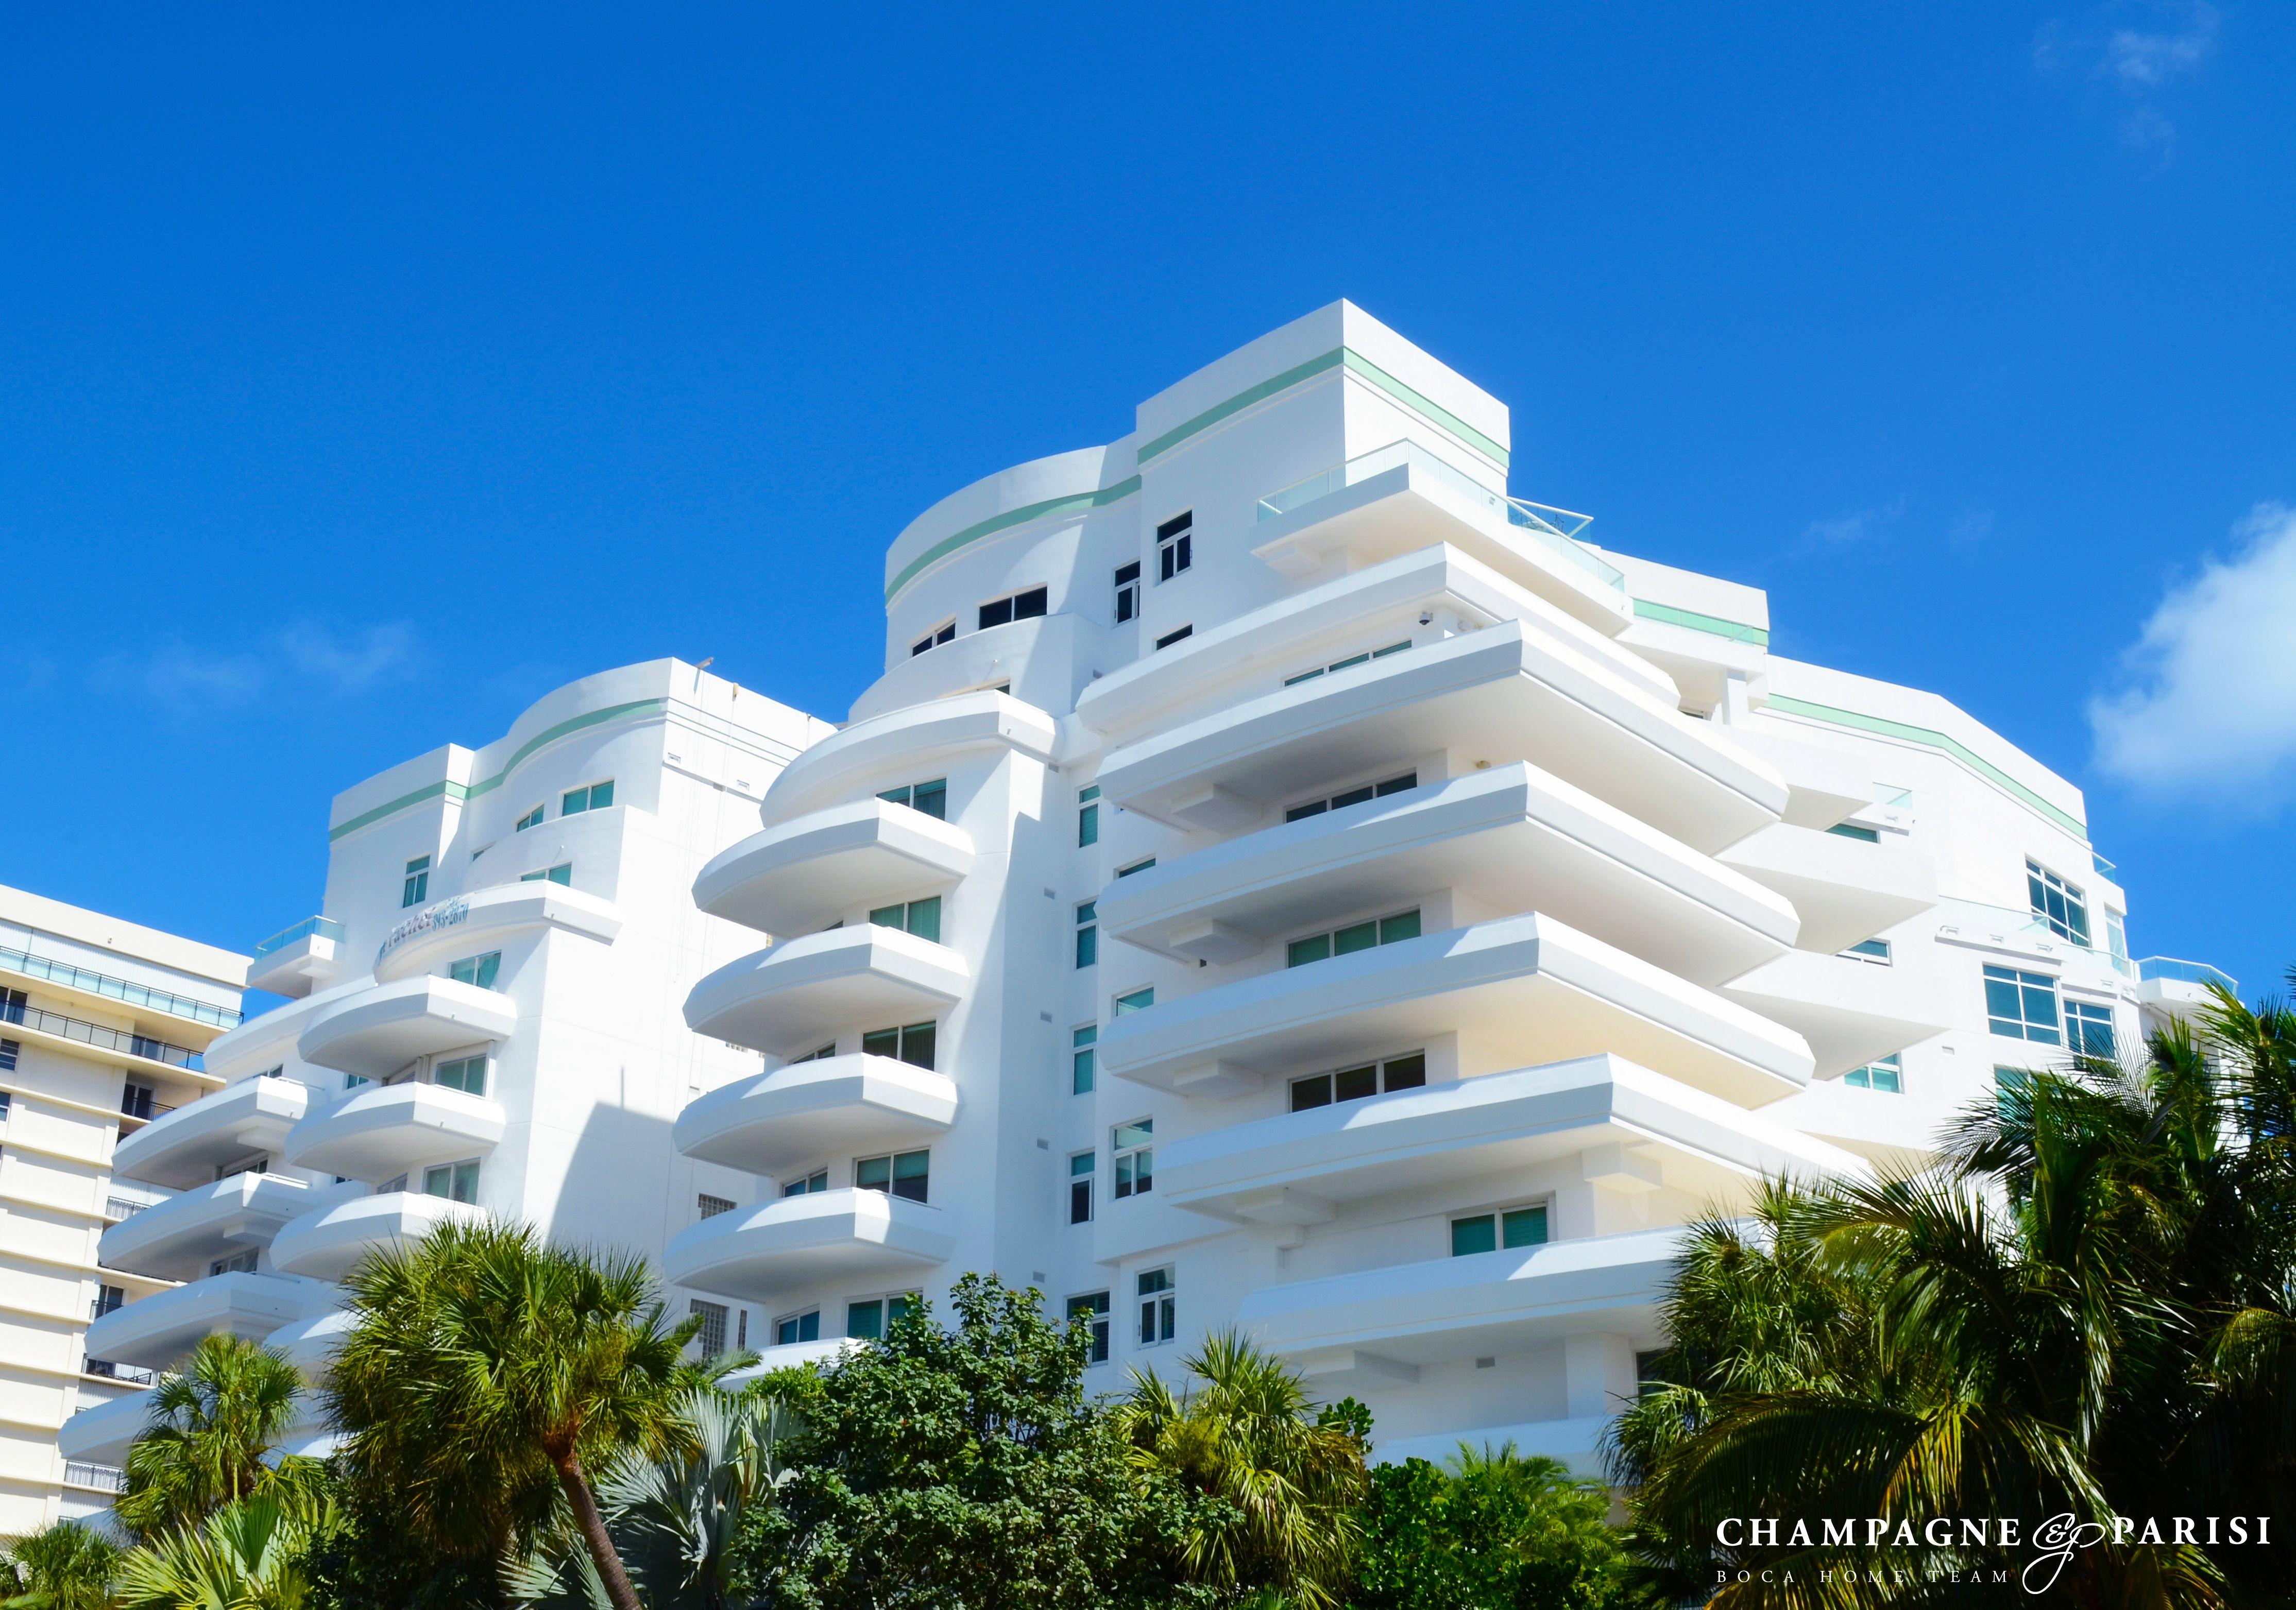 Boca Raton Condos For Sale Aragon Condos For Sale Oceanfront Condo Florida Condos Condos For Sale